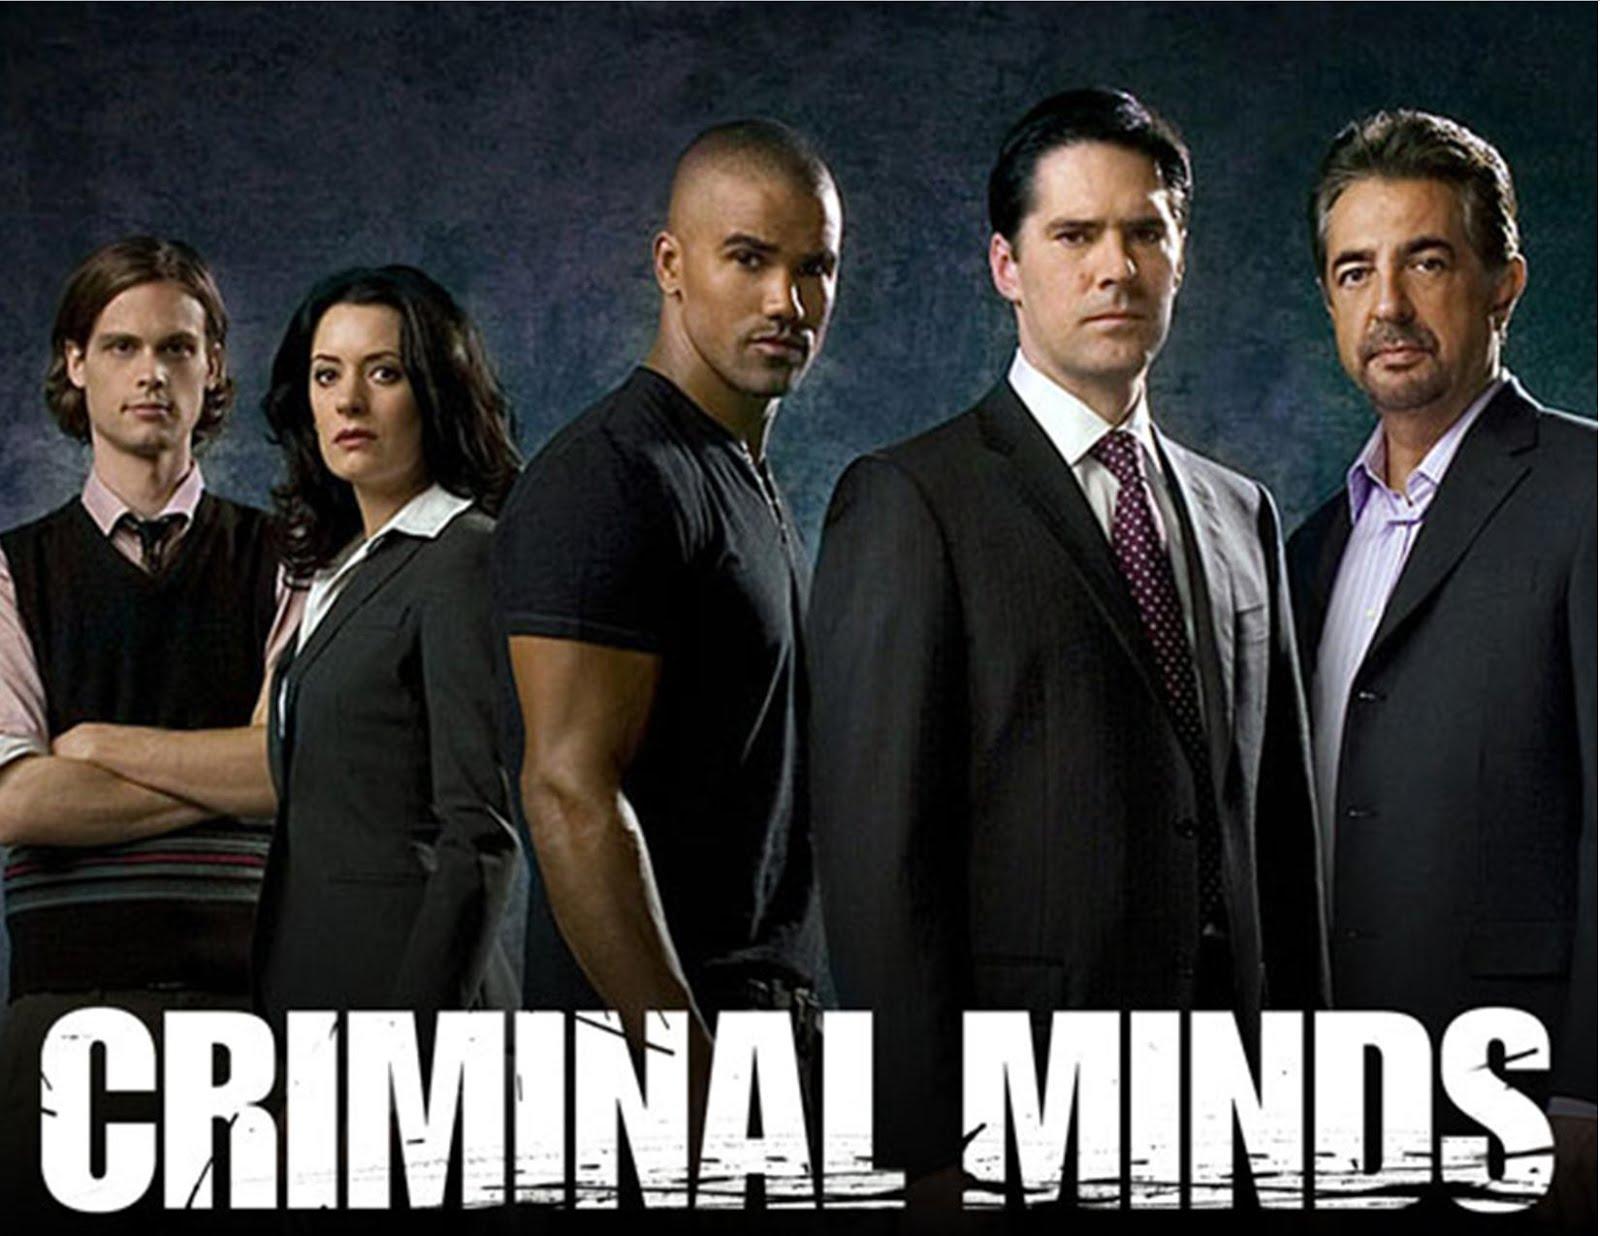 Criminal Minds Online Free Full Episodes | Tyres2c